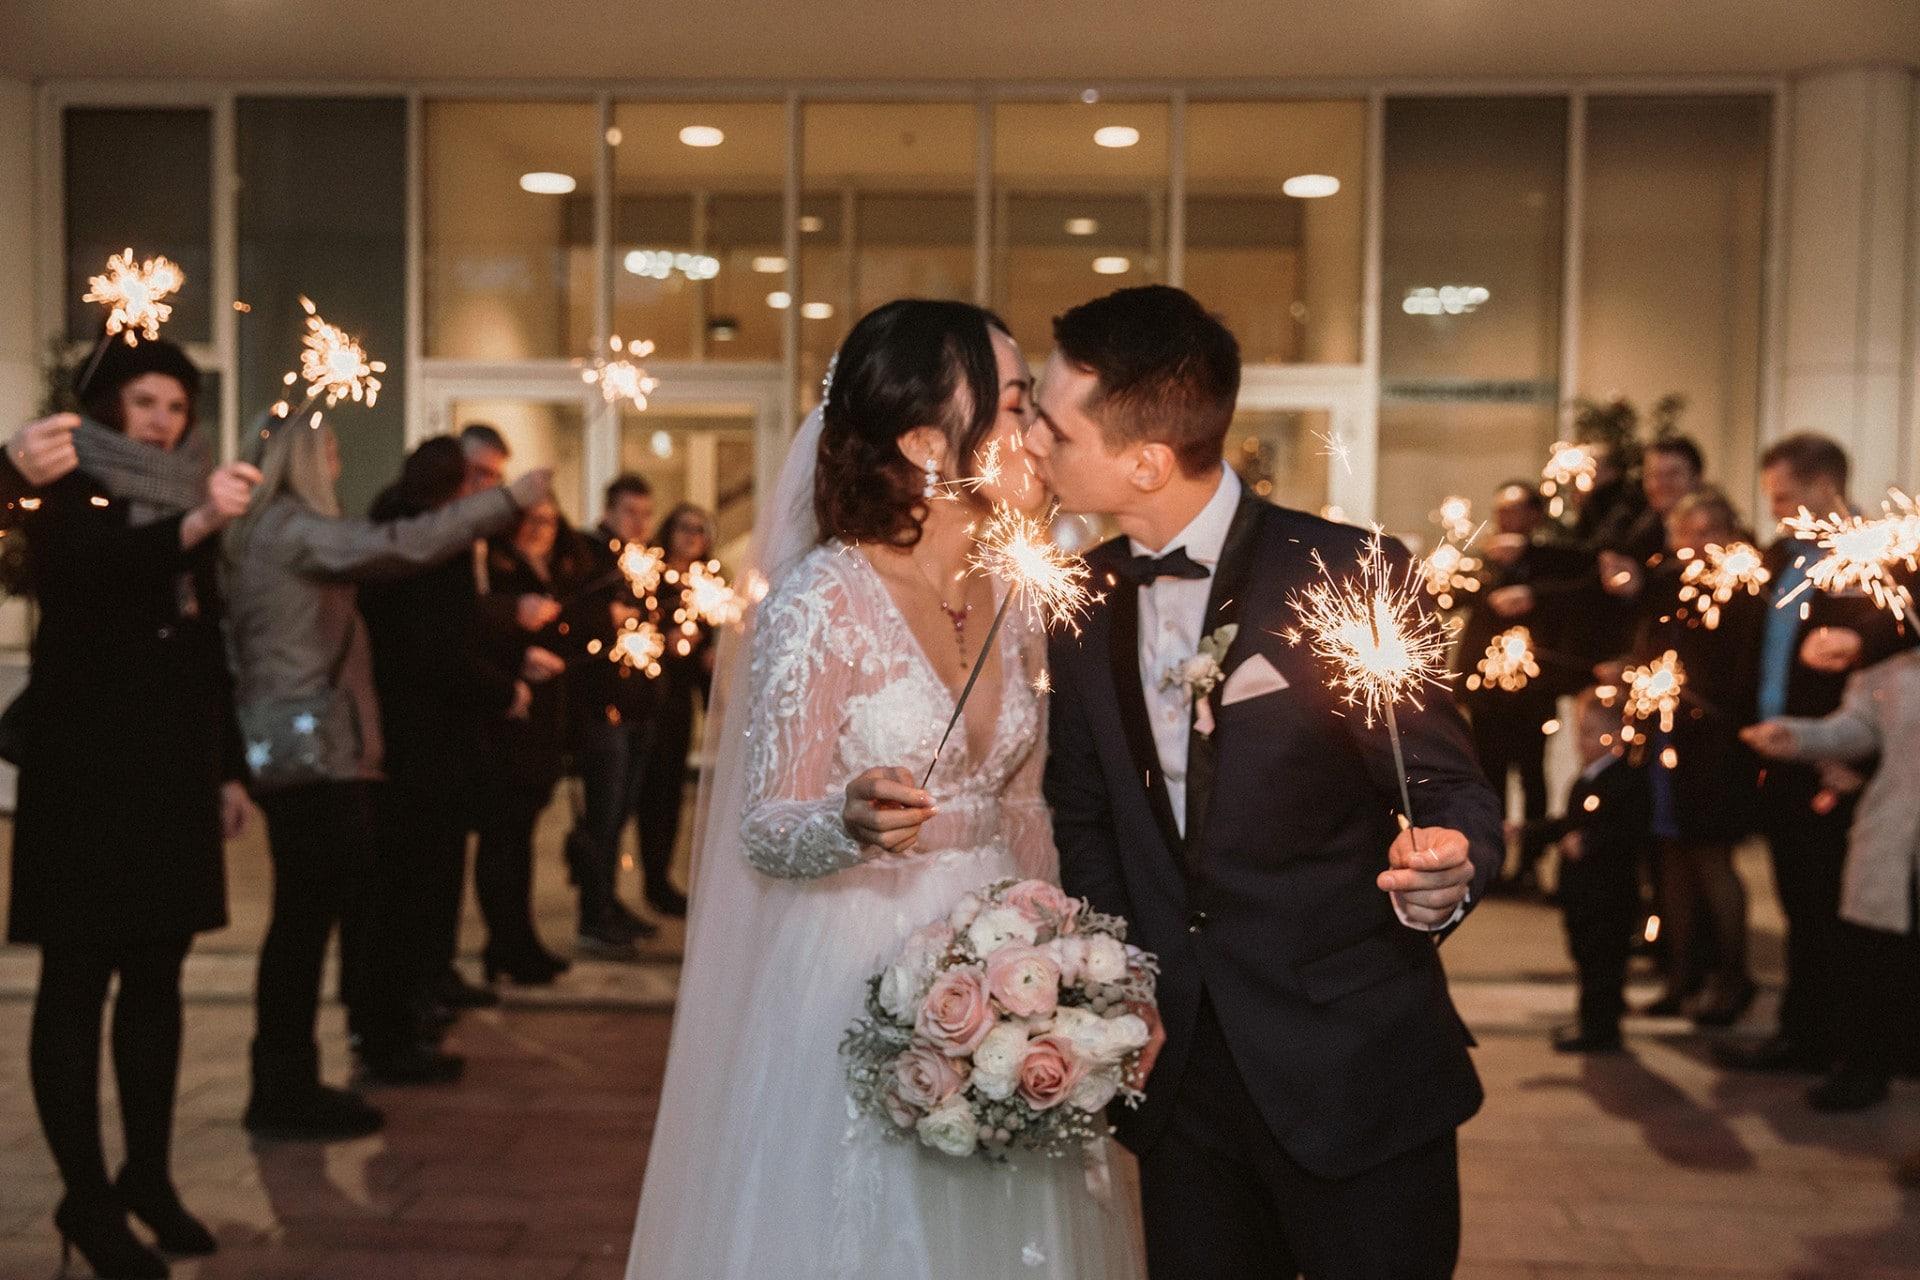 1273-DUC-THIEN-PHOTOGRAPHY-Hochzeitsfotos-fiSBE3lS (1)